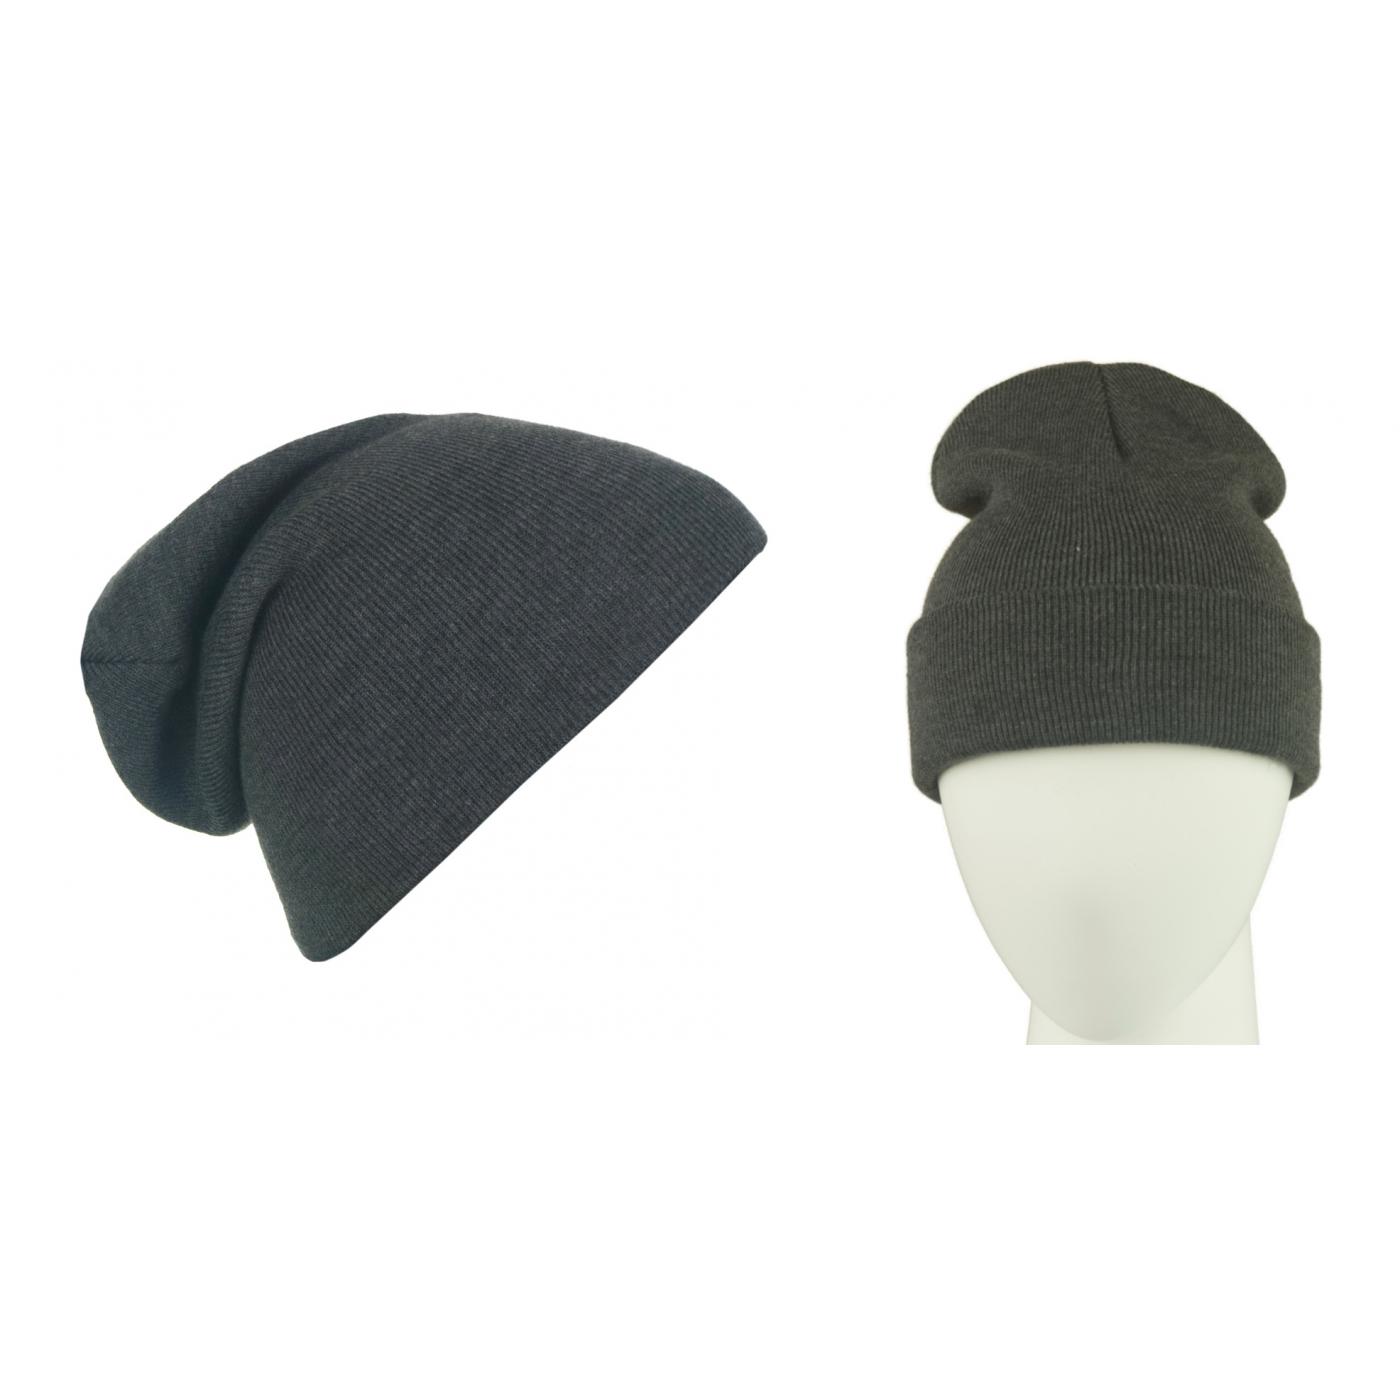 Męska czapka zimowa krasnal 3w1 - grafitowy melanż